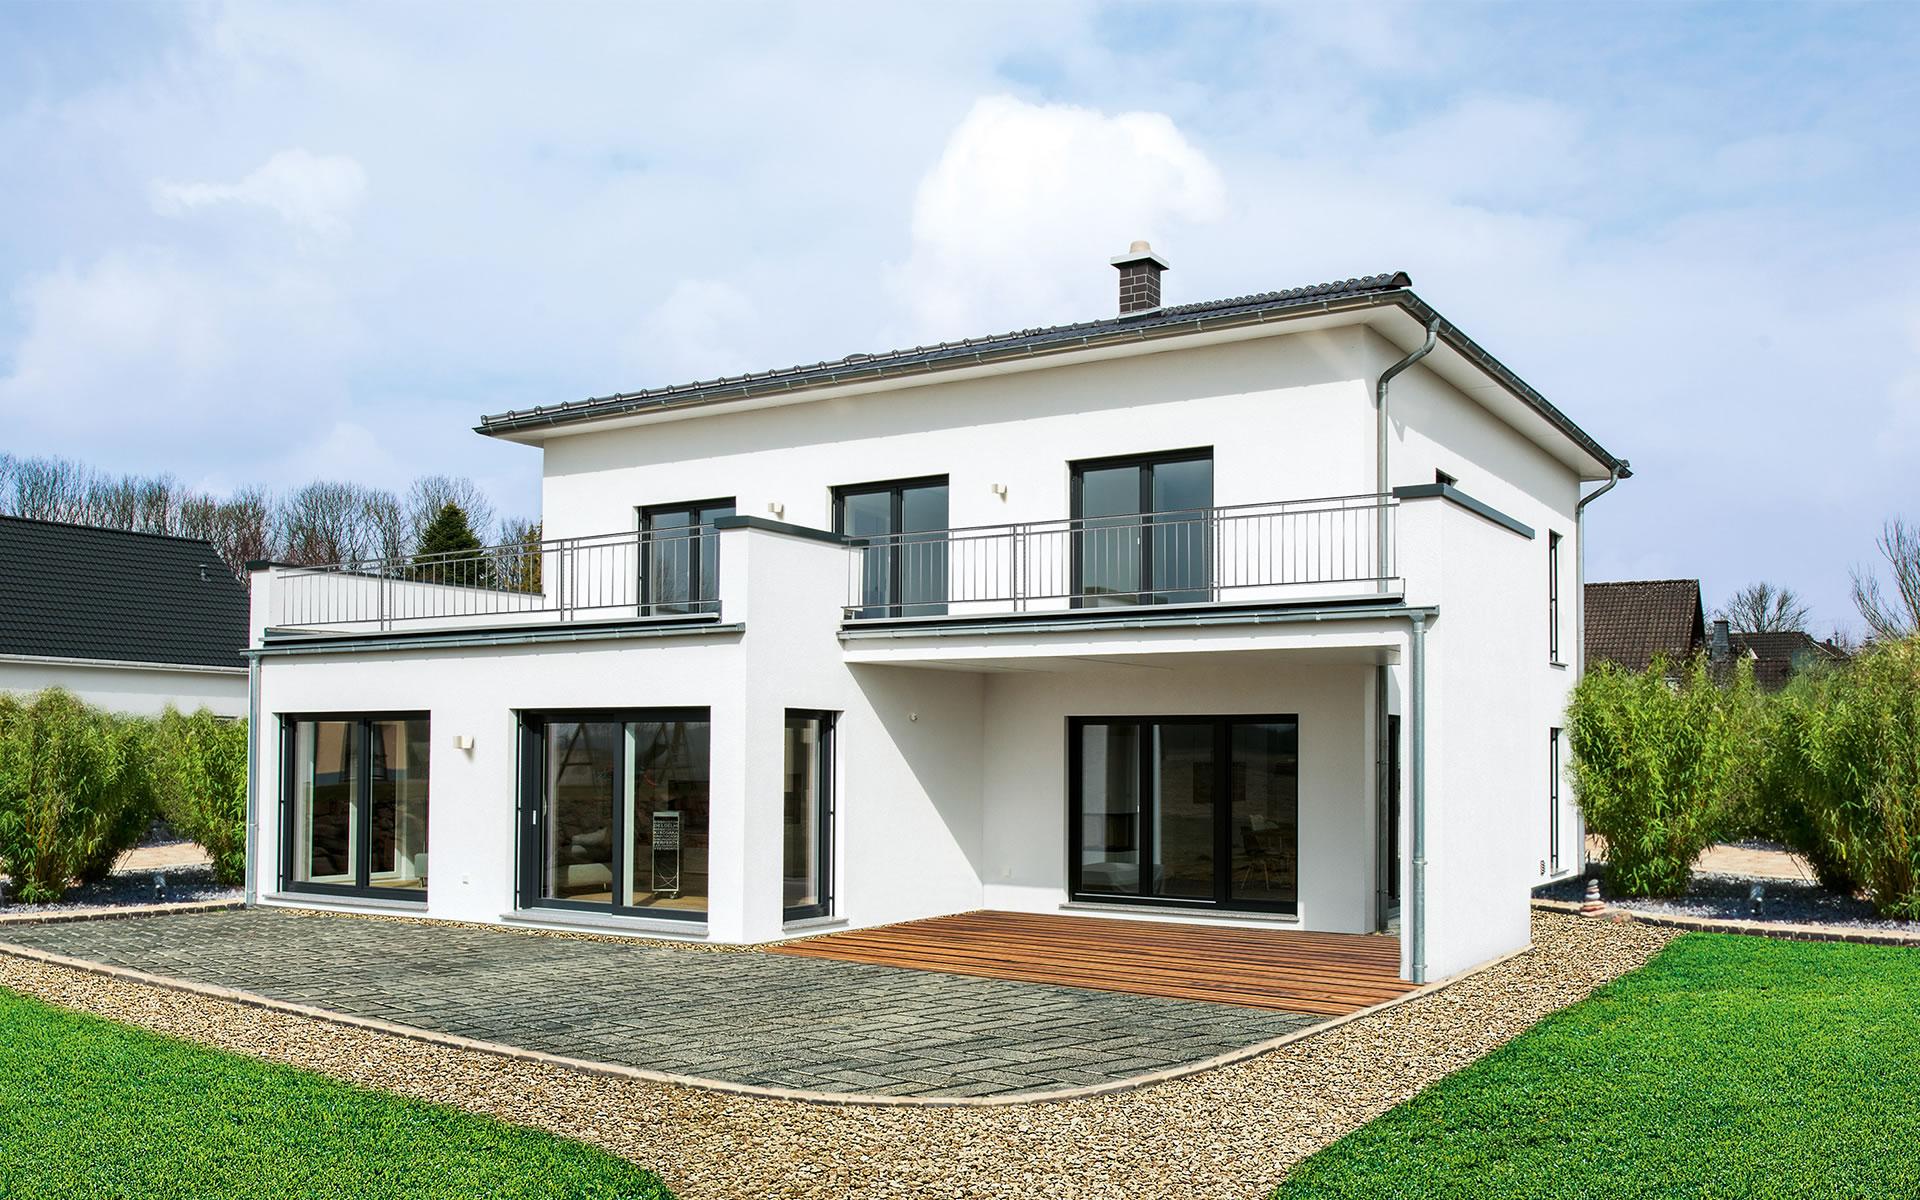 Matene von Fingerhut Haus GmbH & Co. KG